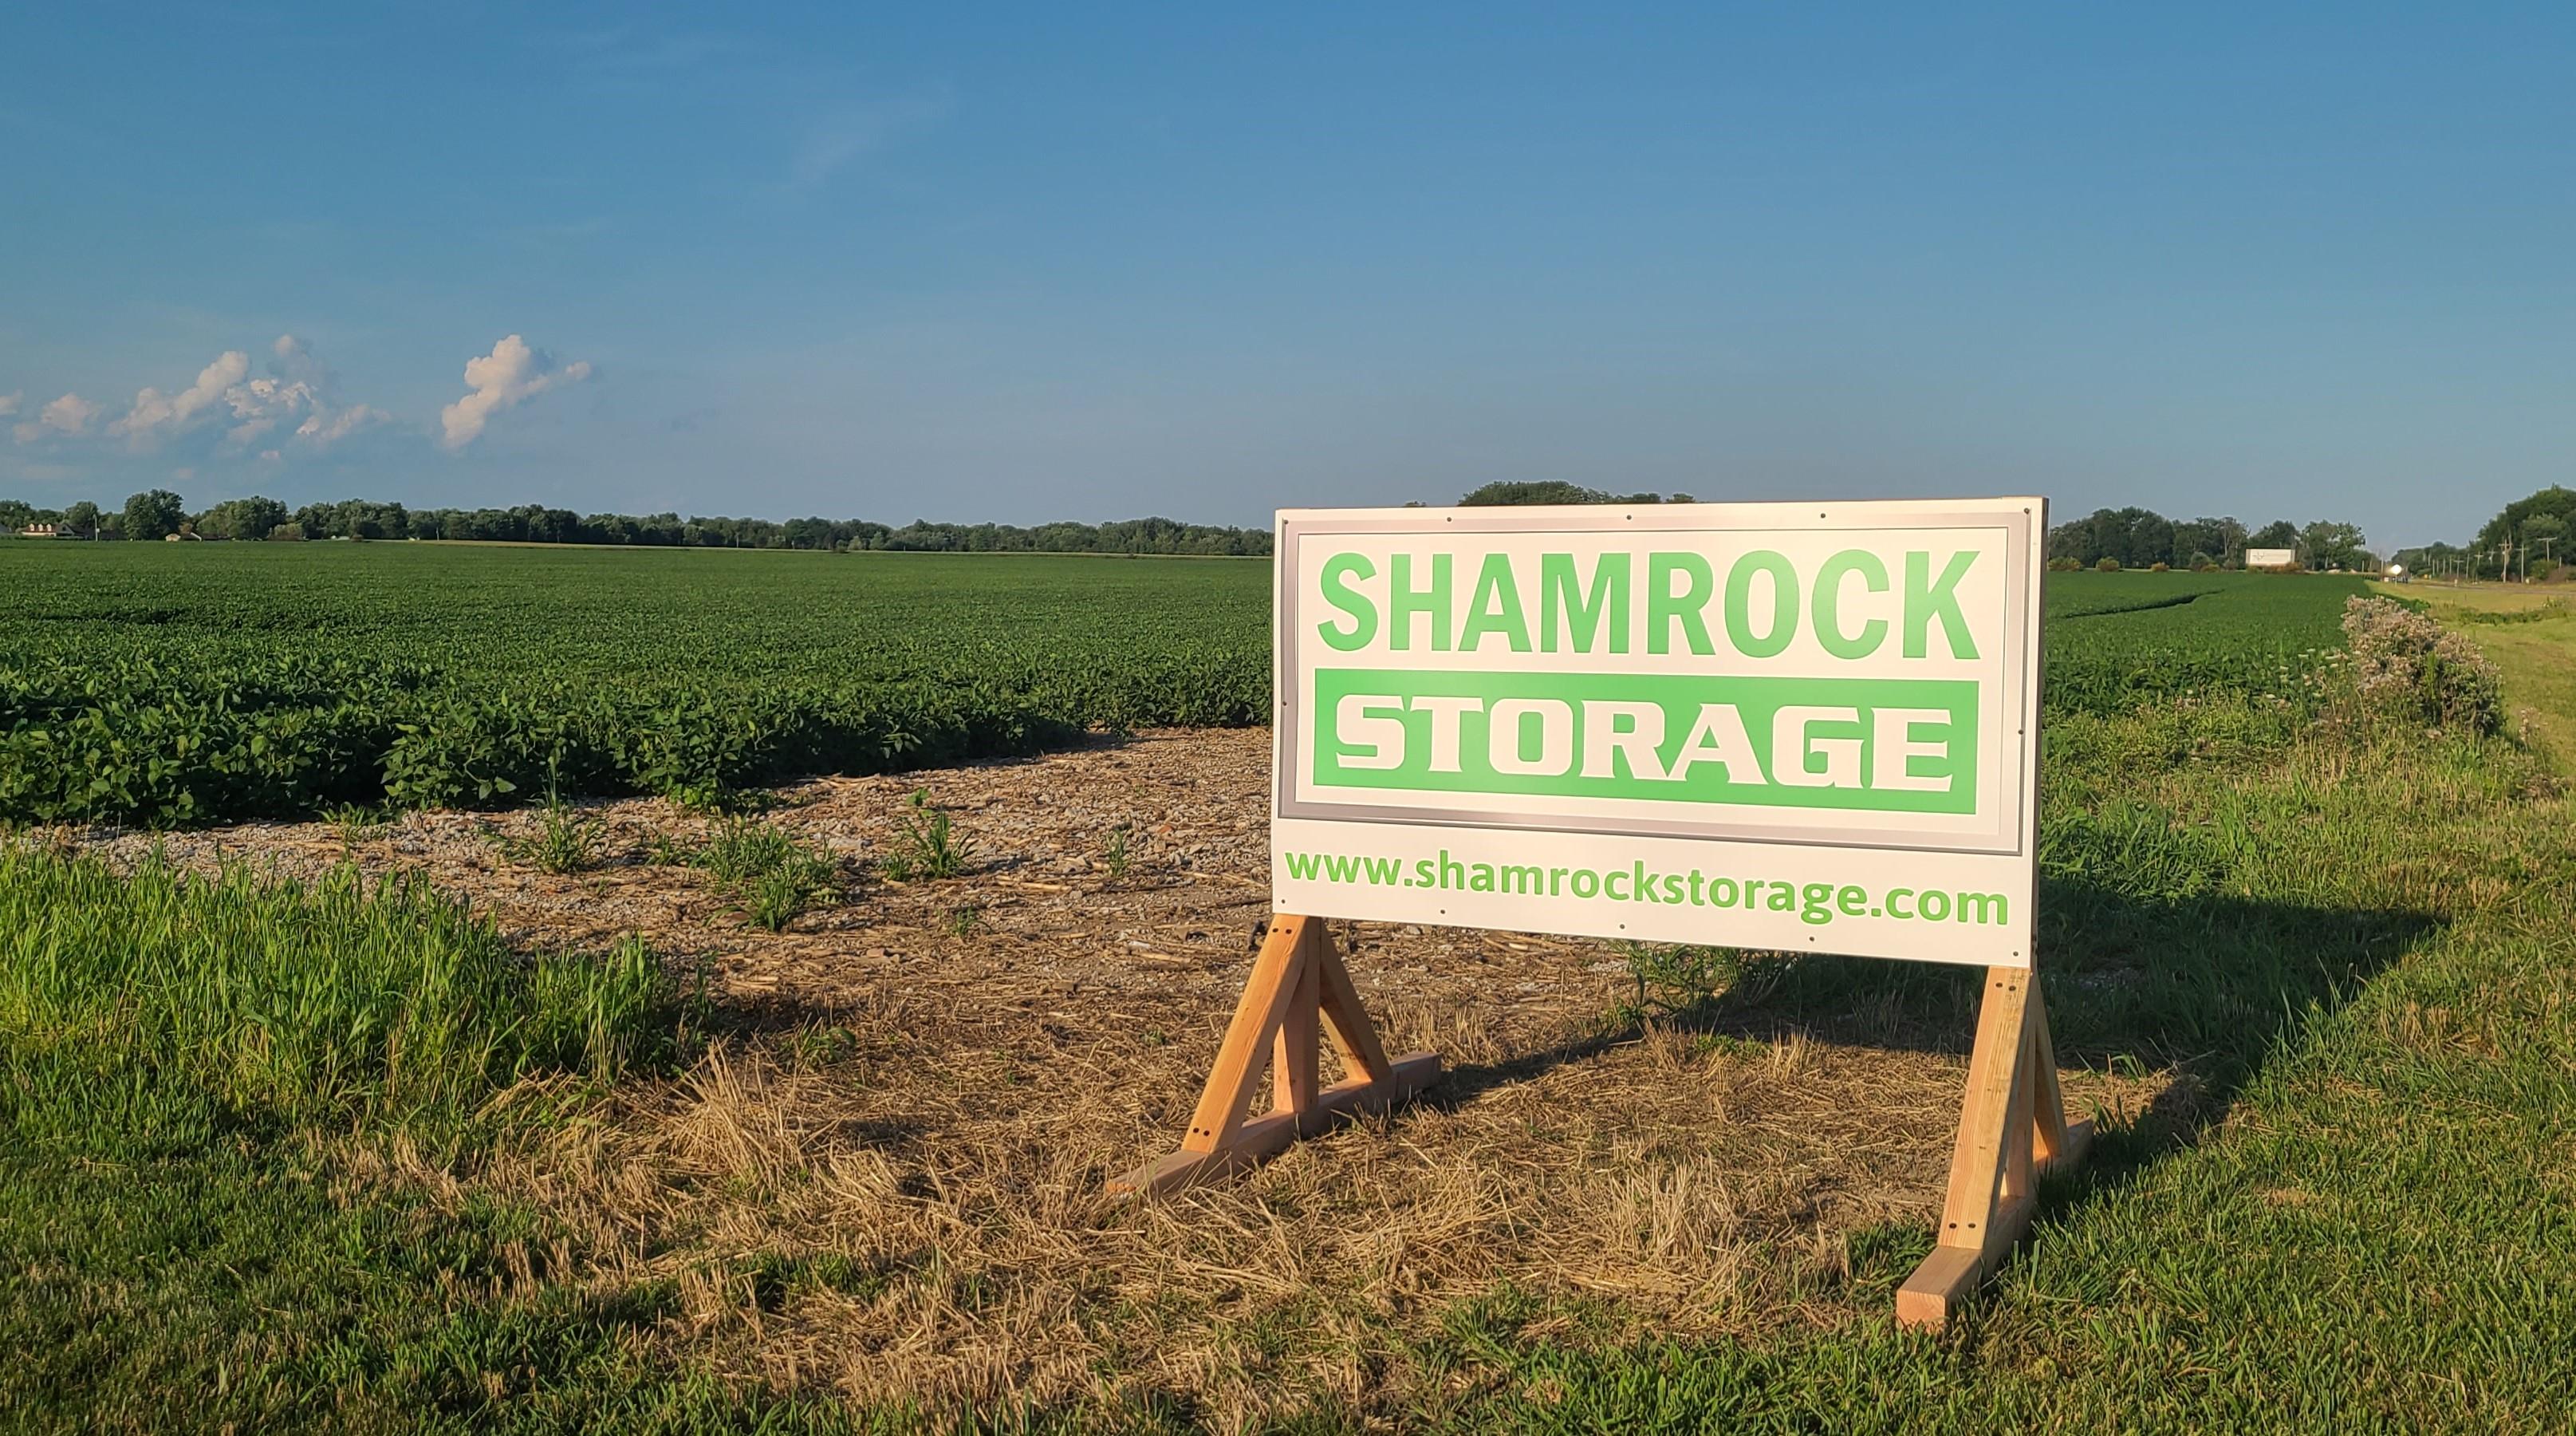 Shamrock Storage